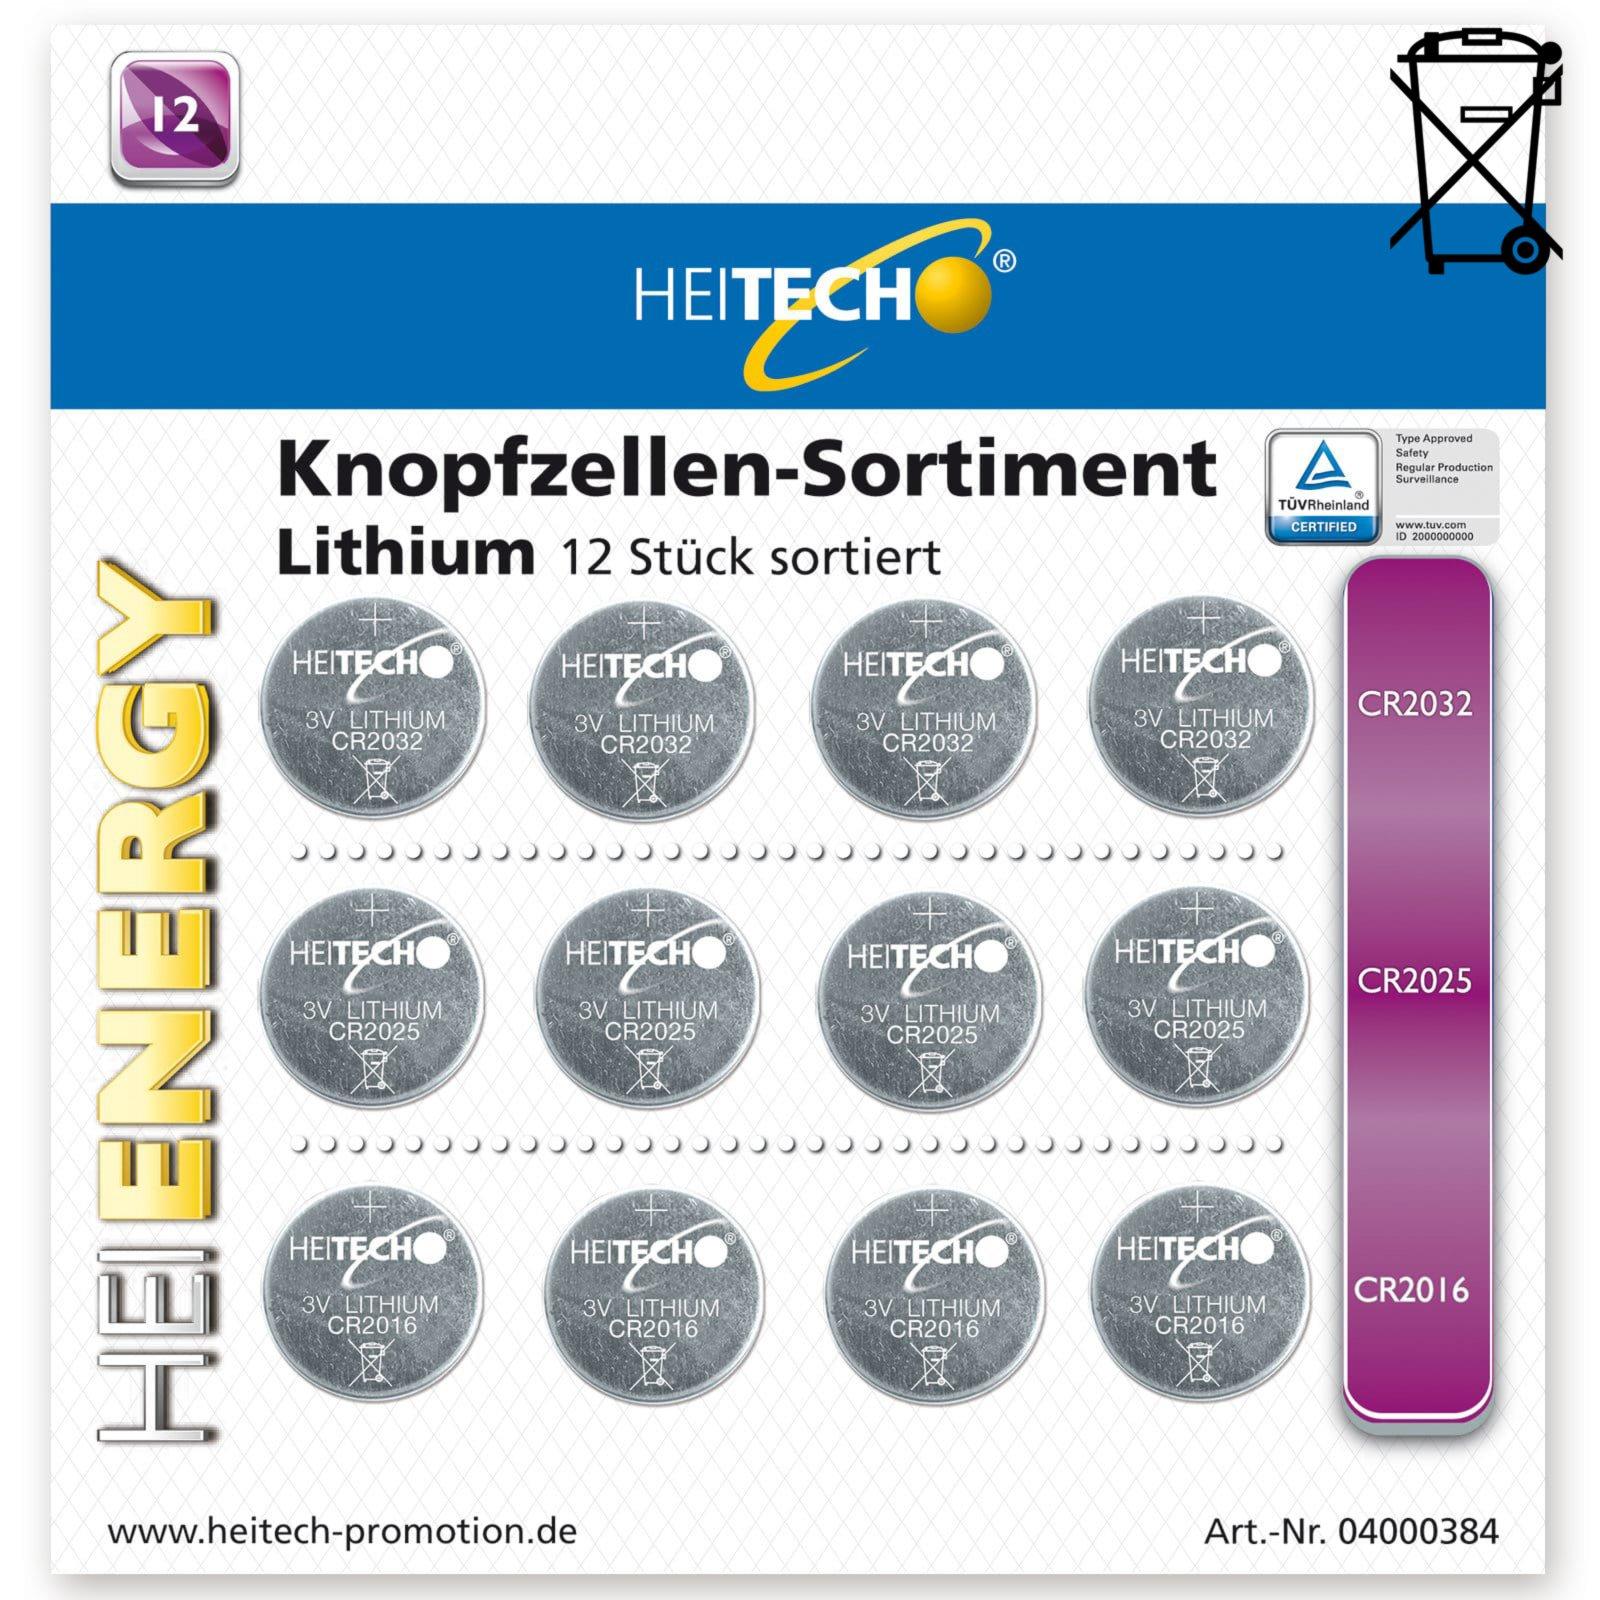 12er-Pack Knopfzellen-Sortiment - Lithium - sortiert